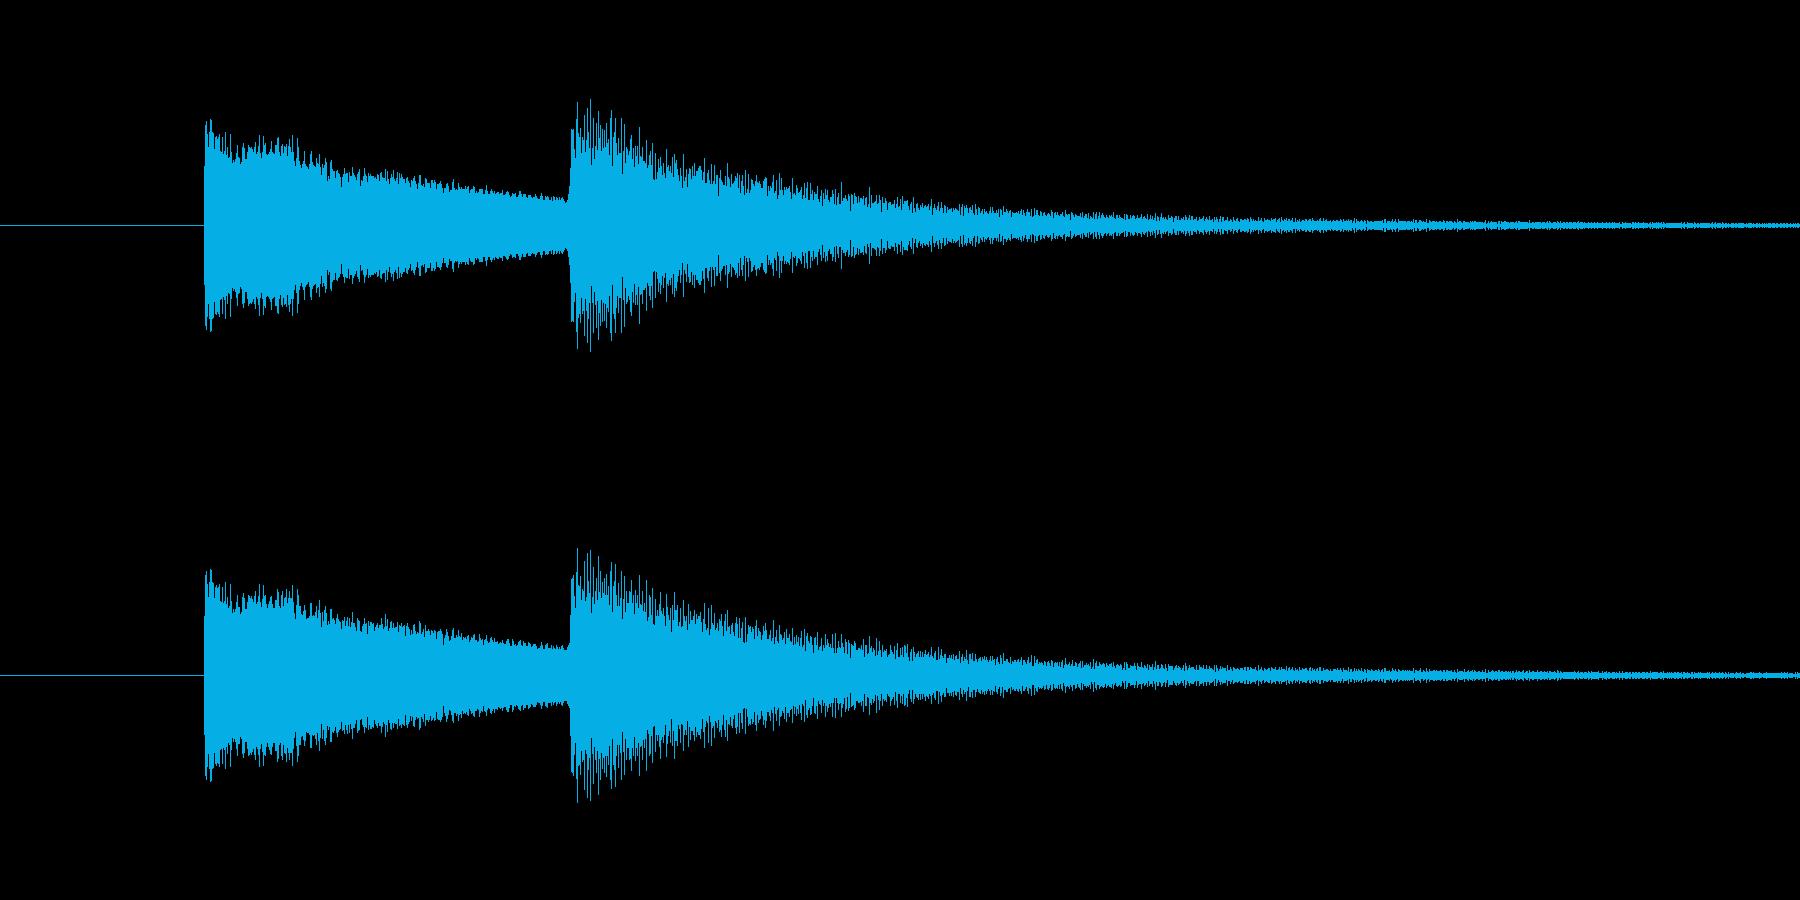 玄関ドアチャイム(キンコーン)の再生済みの波形